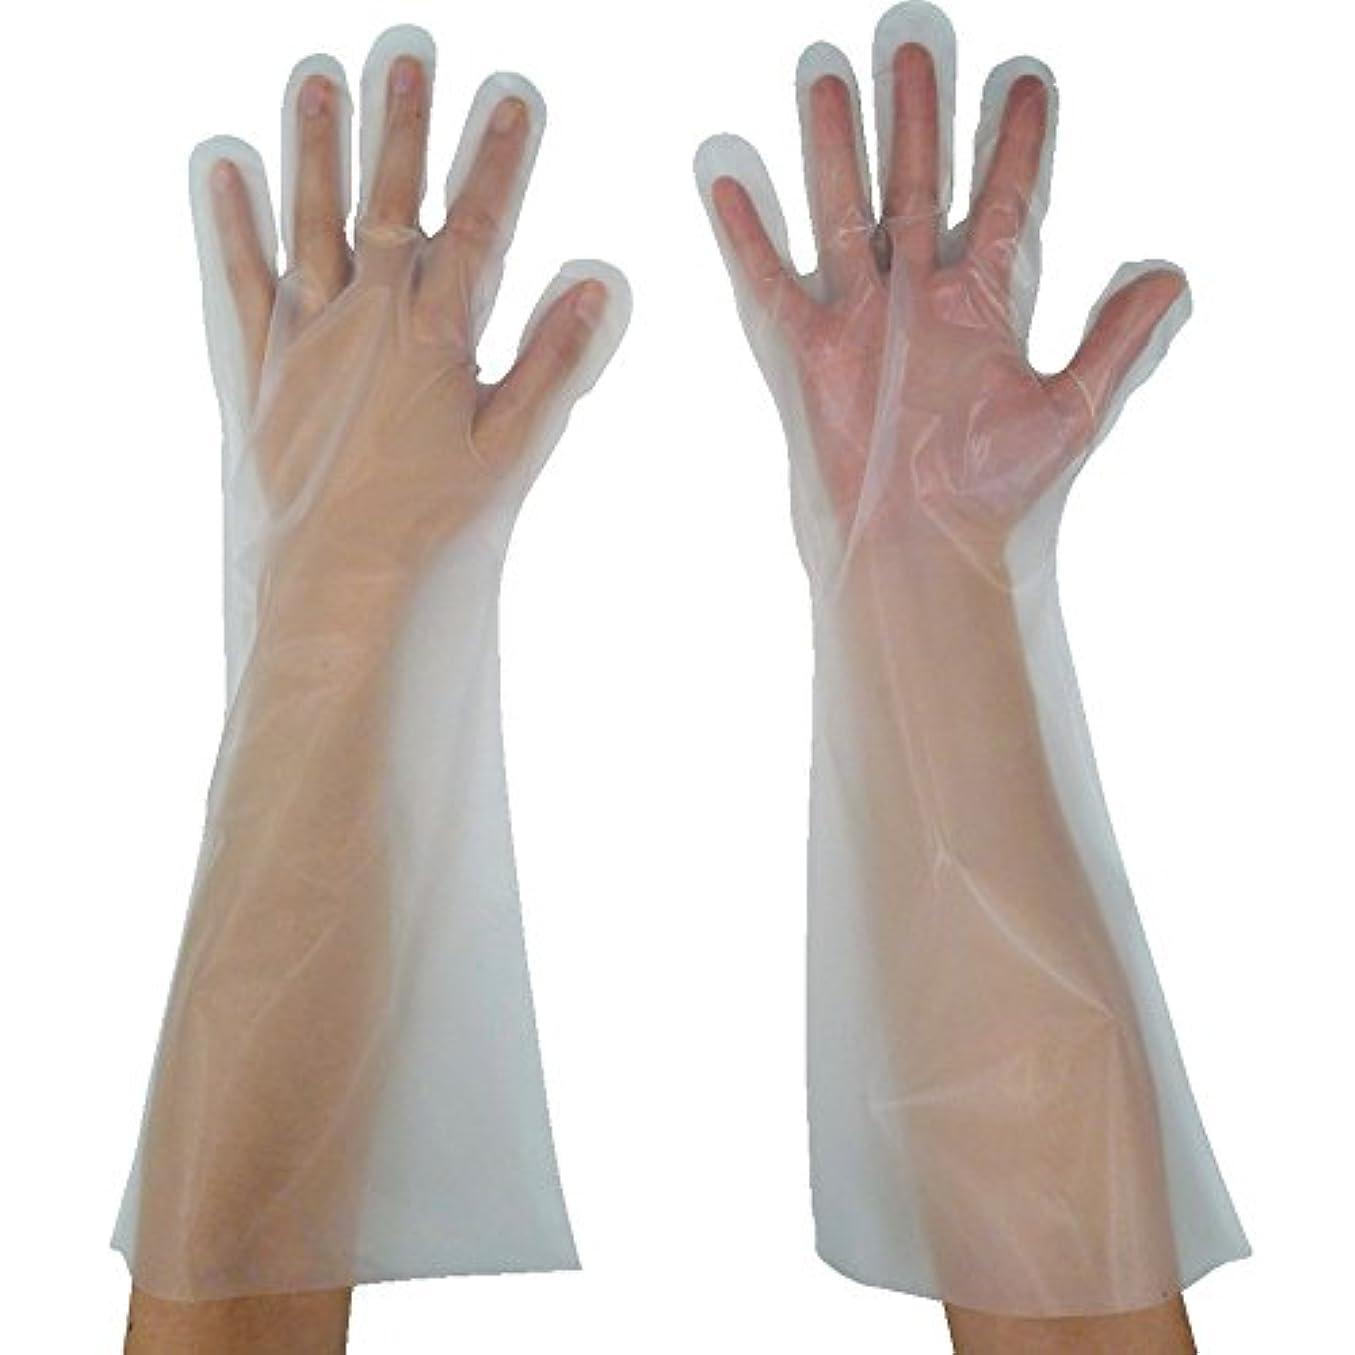 肥満ジョージエリオットバリケード東京パック 緊急災害対策用手袋ロング五本絞りM 半透明 KL-M ポリエチレン使い捨て手袋